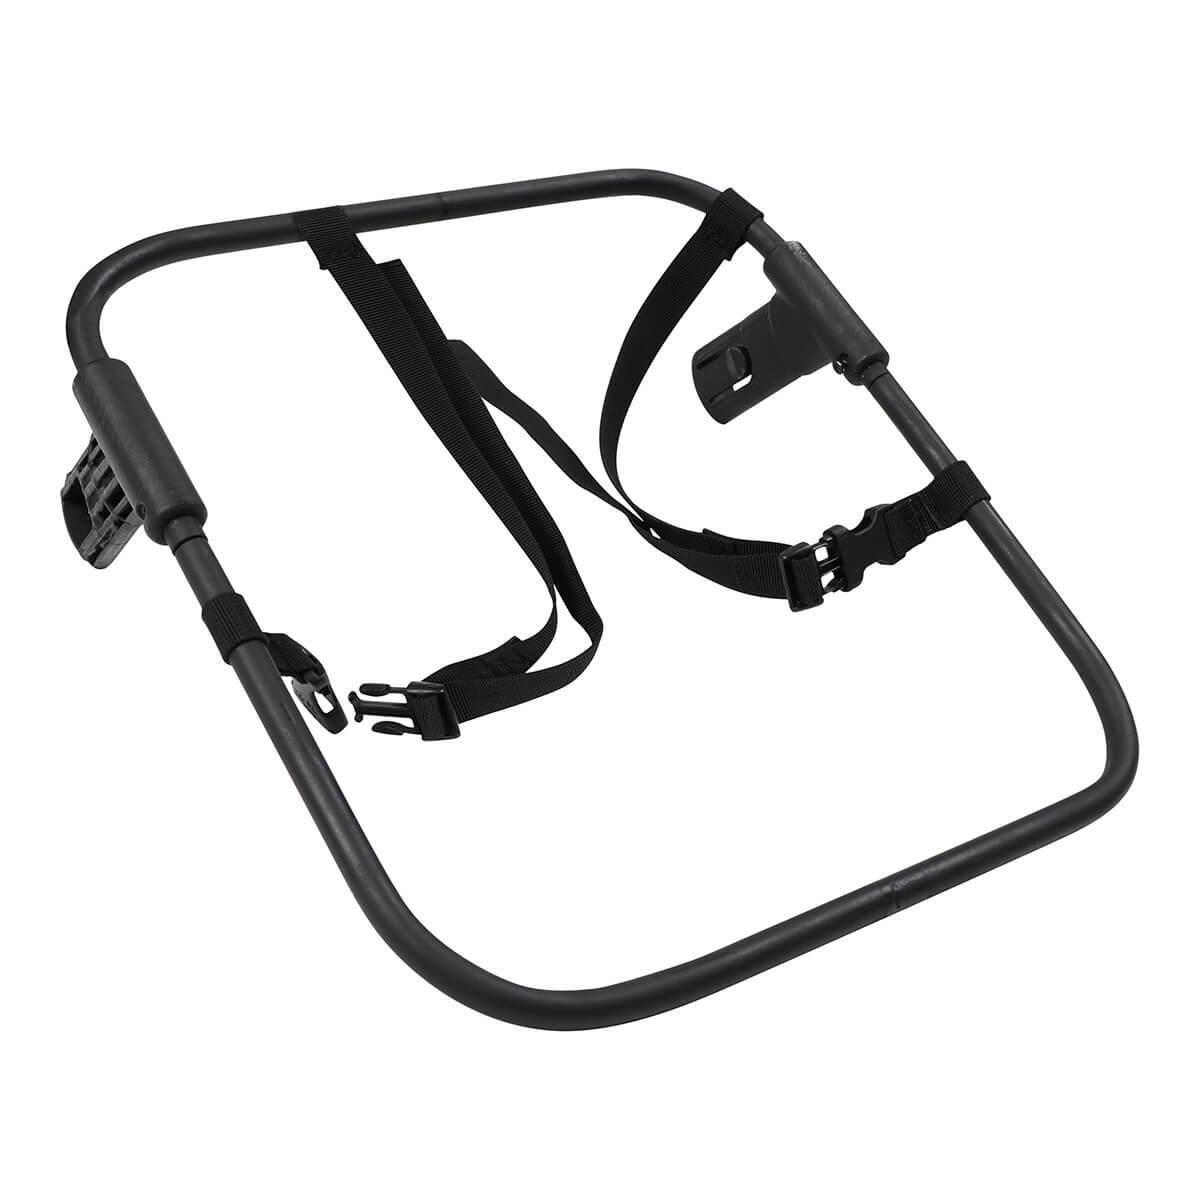 """【新商品】phil&teds """"universal car seat adaptor"""" フィルアンドテッズ ユニバーサルカーシートアダプター"""